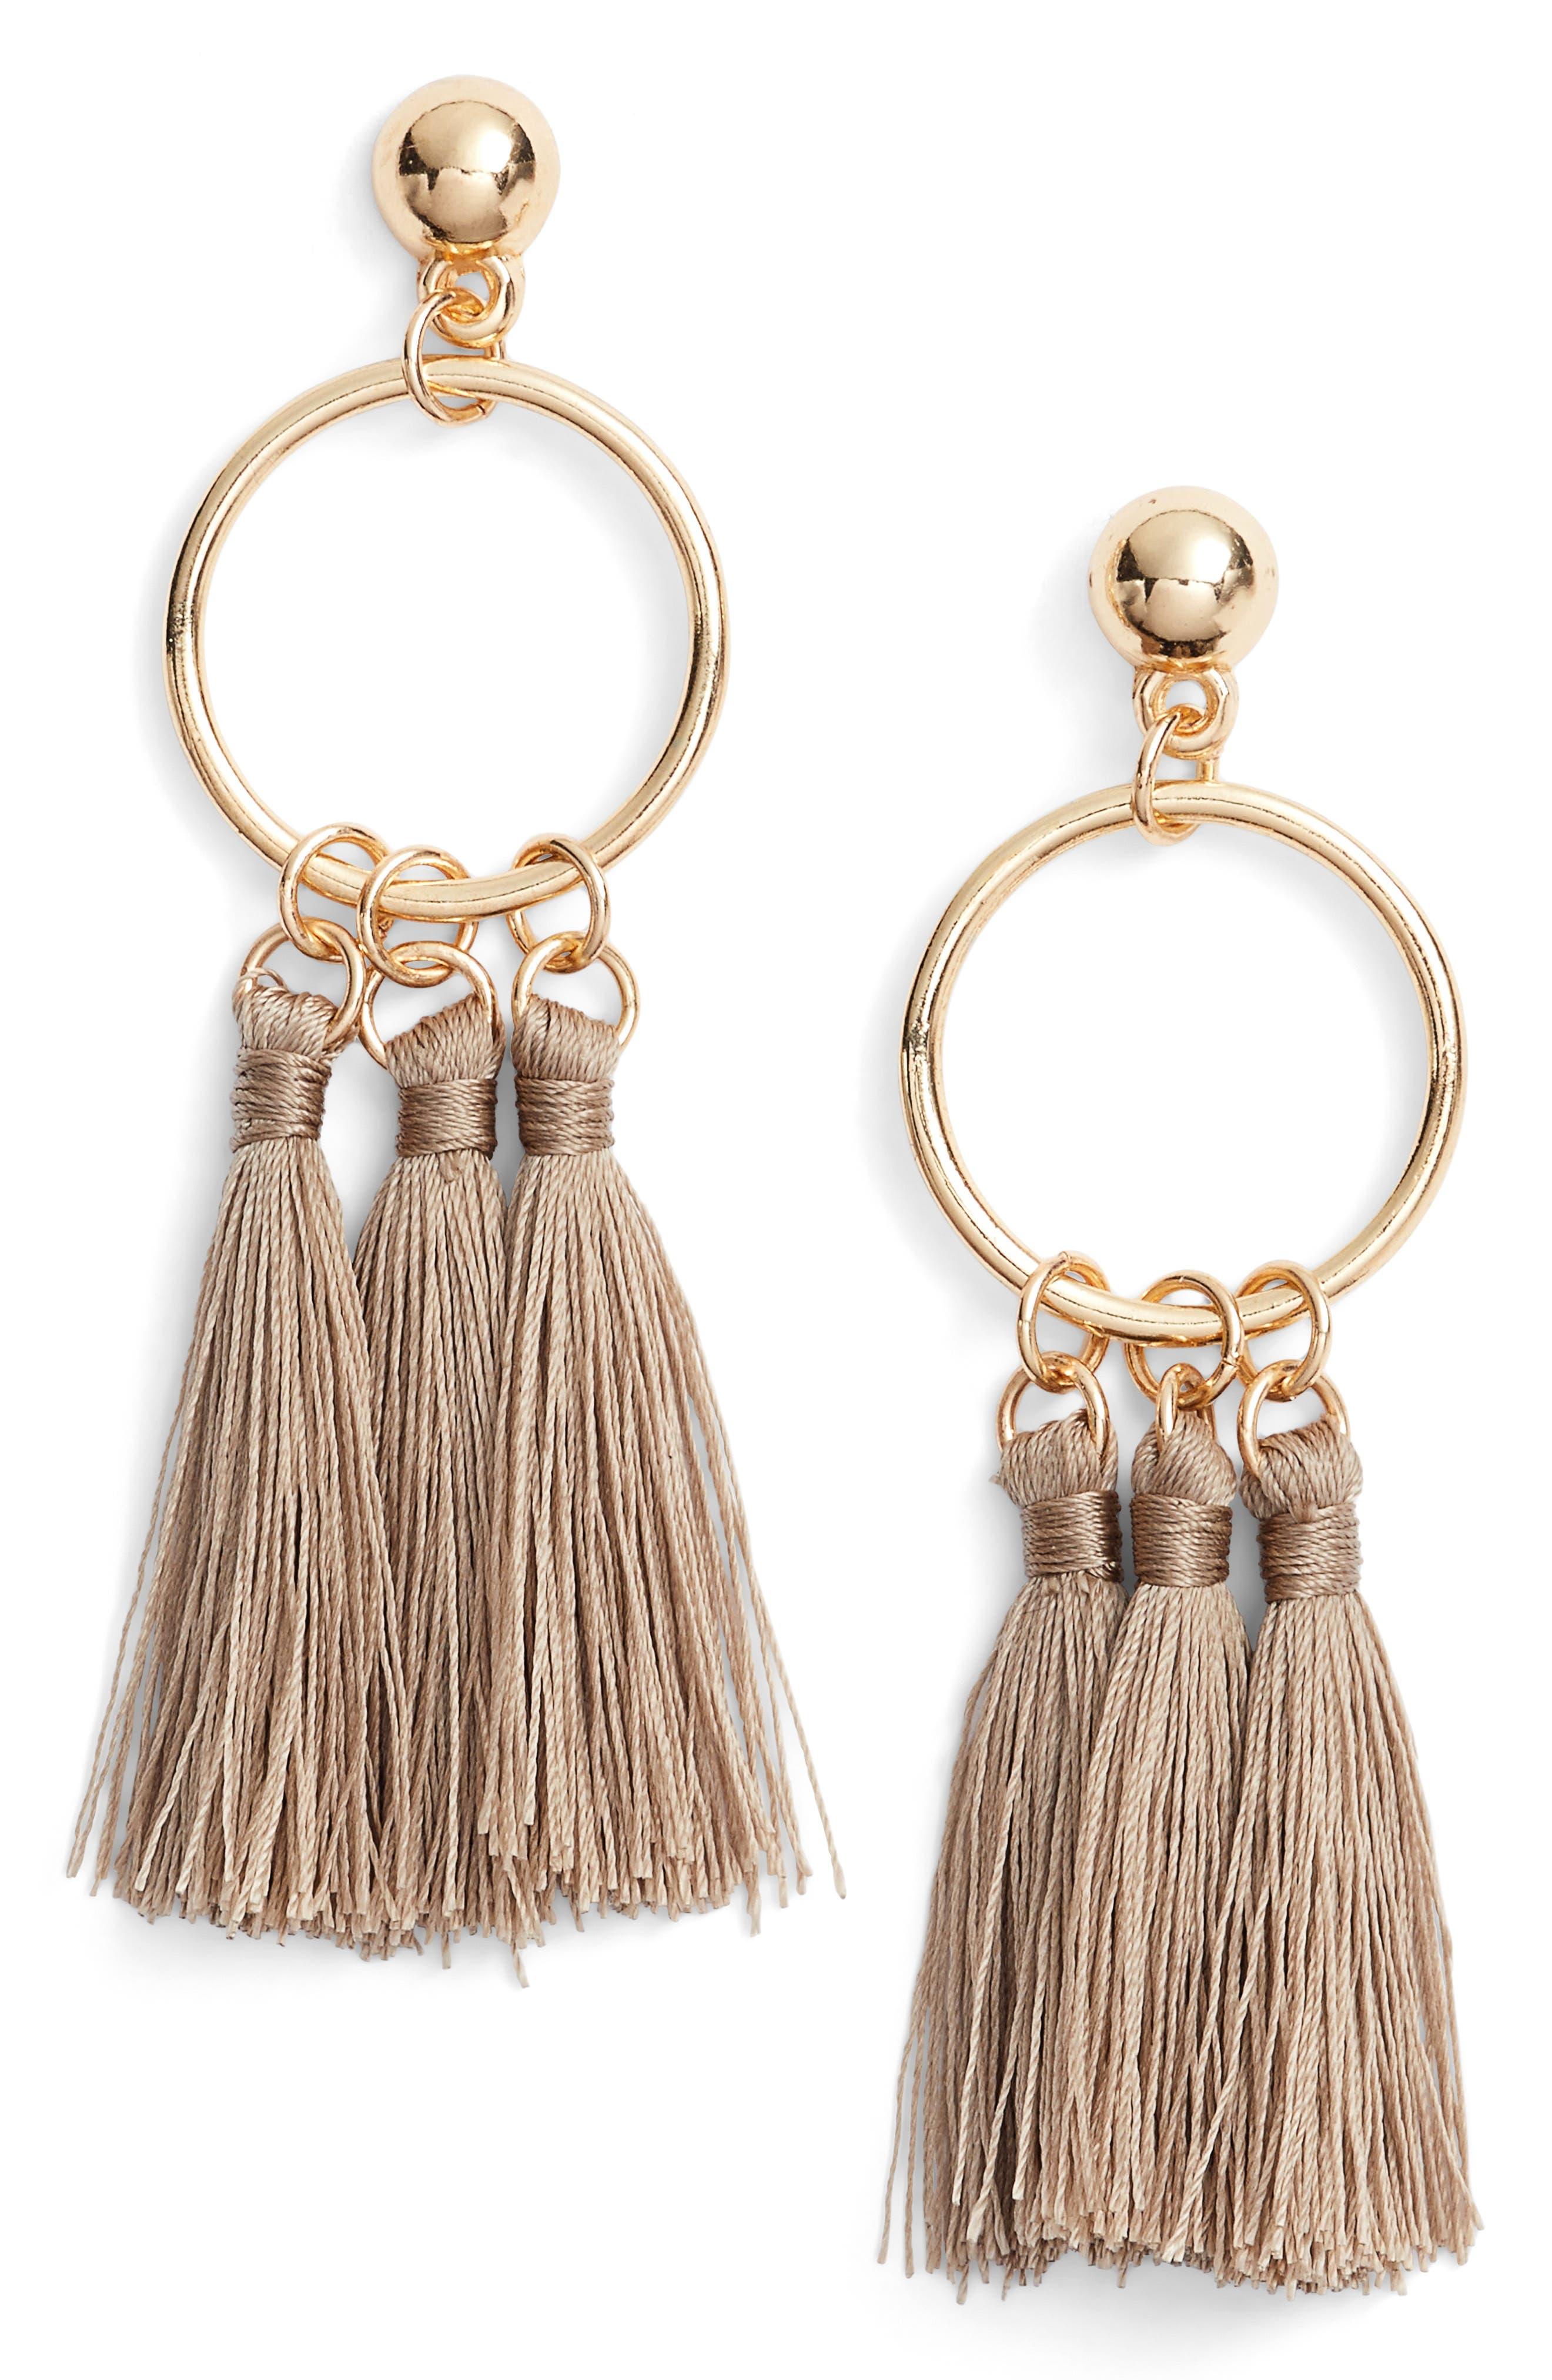 Ellie Tassel Hoop Earrings,                         Main,                         color, Tan